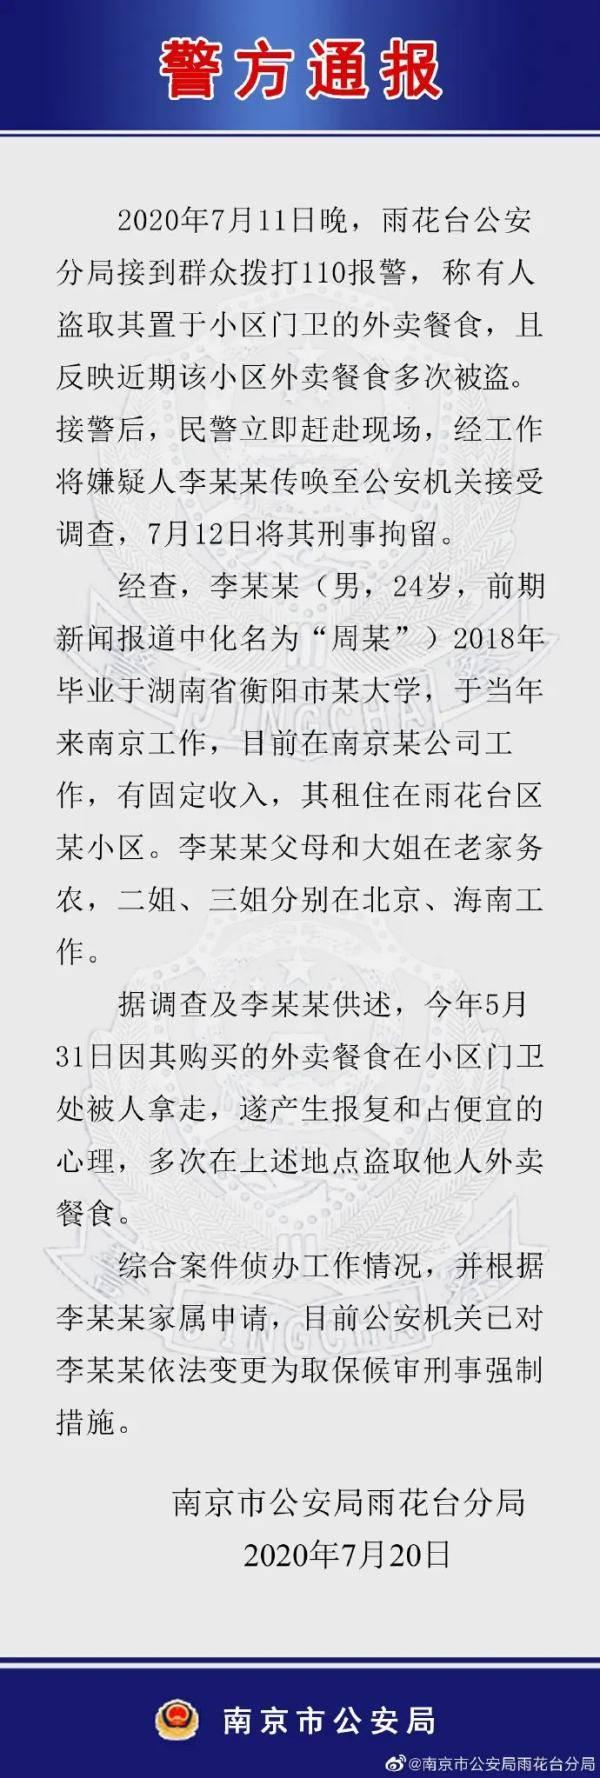 深圳40年:生命有极限,生态无极限